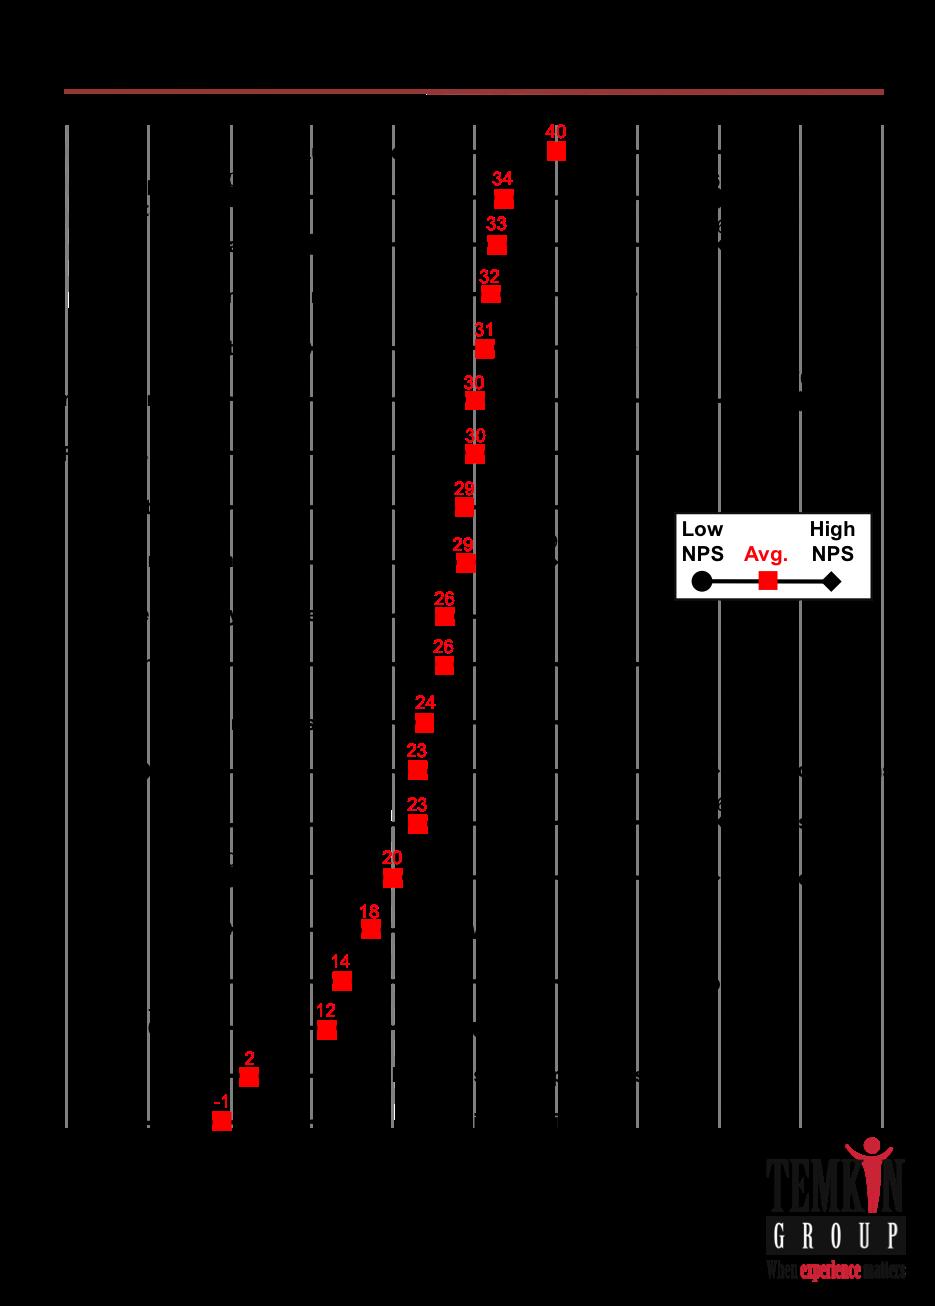 Image Result For Net Promoter Score Benchmark Data Driven